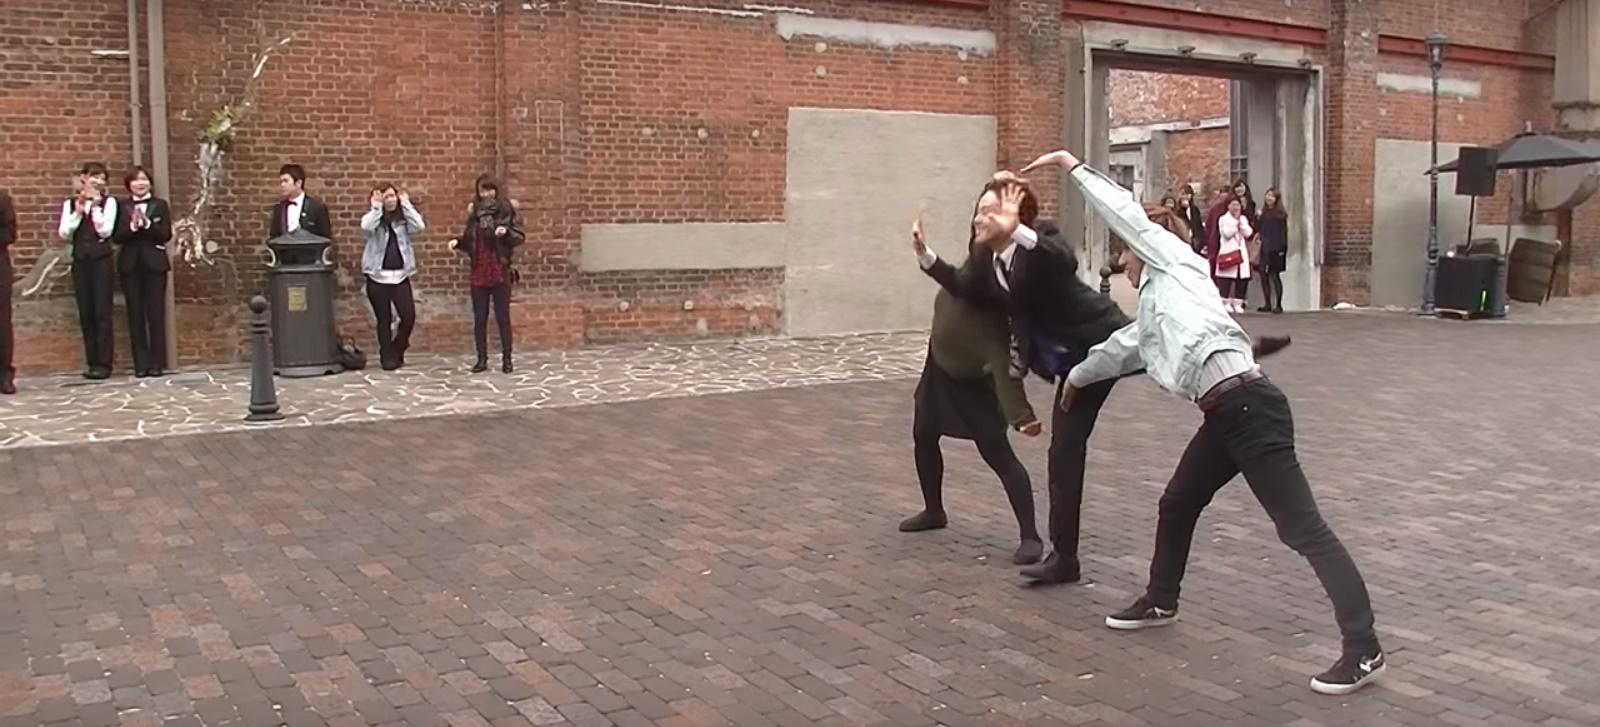 フラッシュモブダンス動画